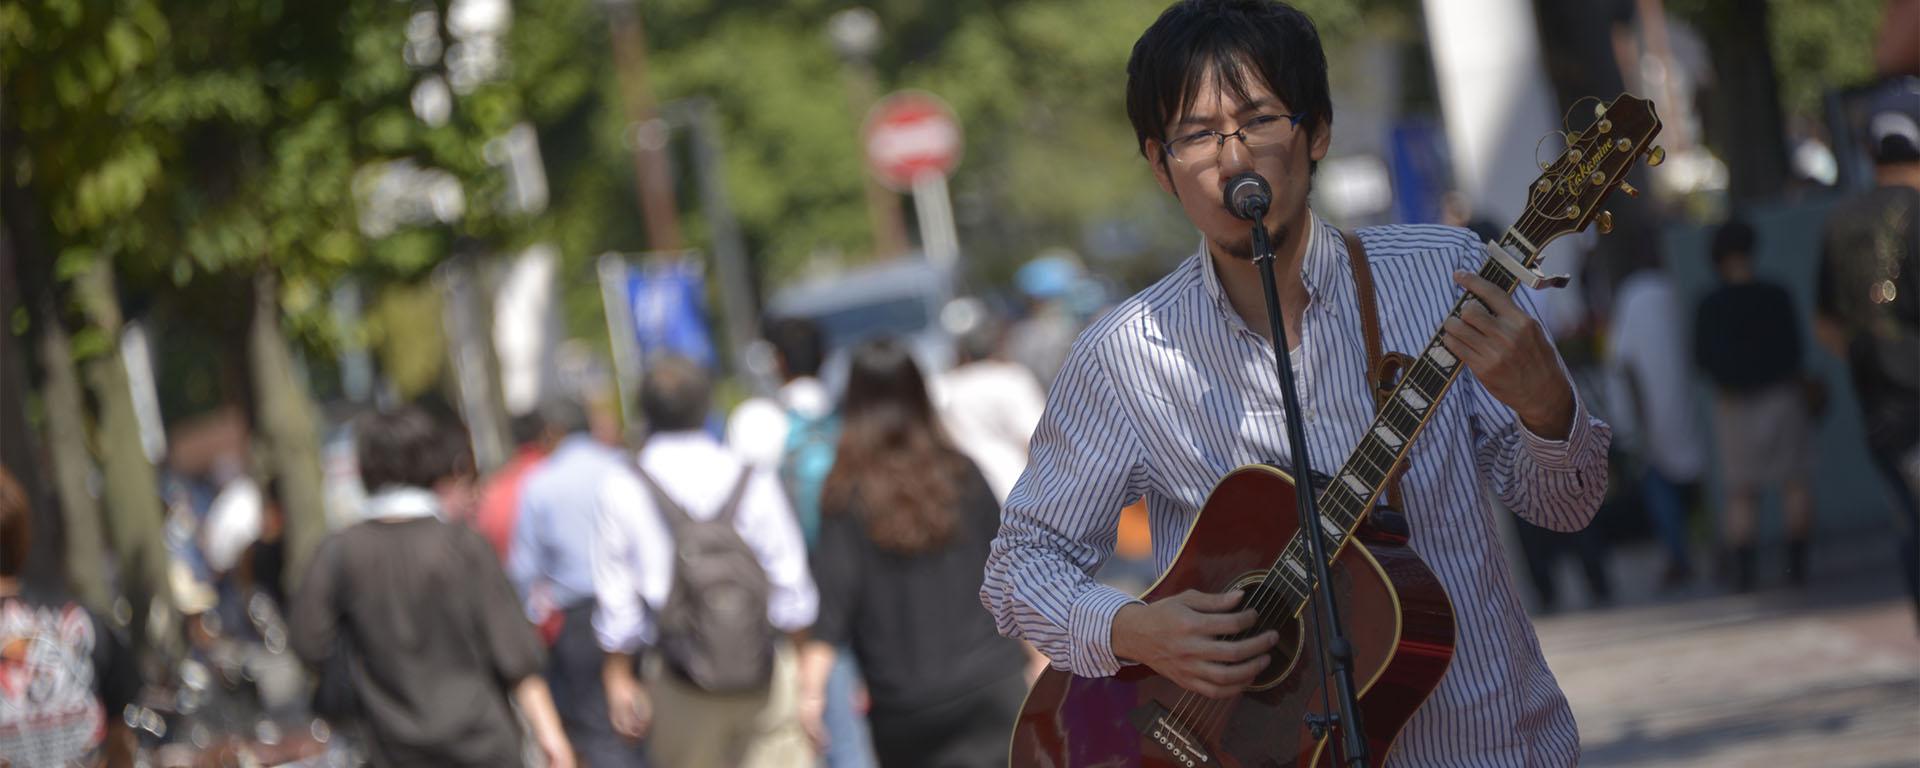 人を、街を、音楽でつなぐ市民団体 NPO法人ARCSHIP